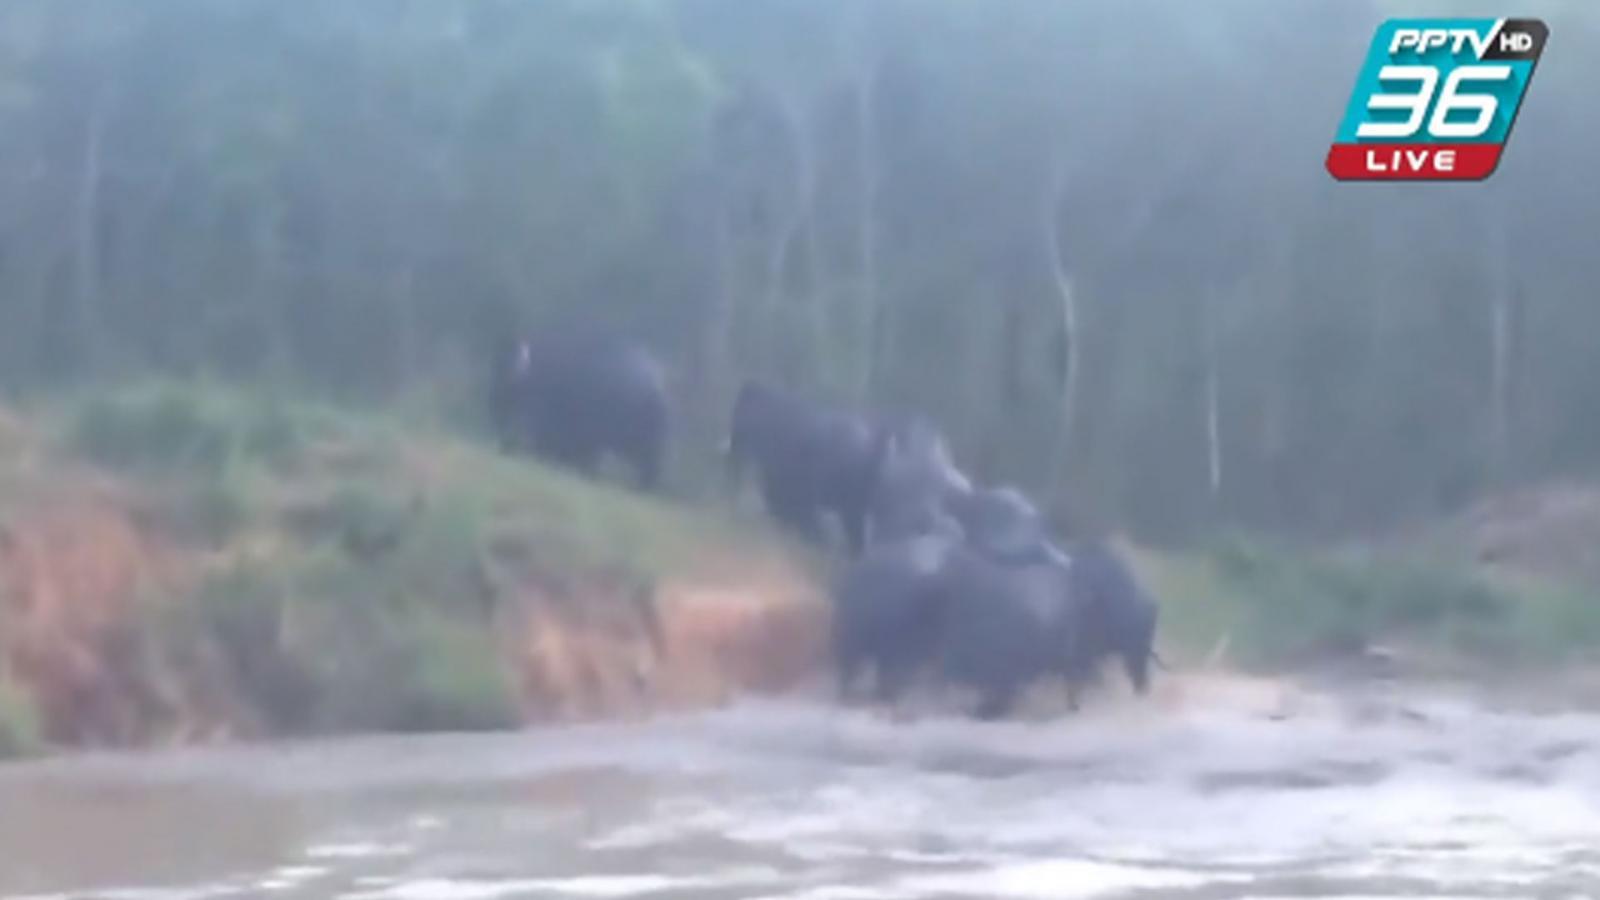 ช้างป่าภูหลวงไล่เหยียบหญิงวัย 51 ปี เสียชีวิต